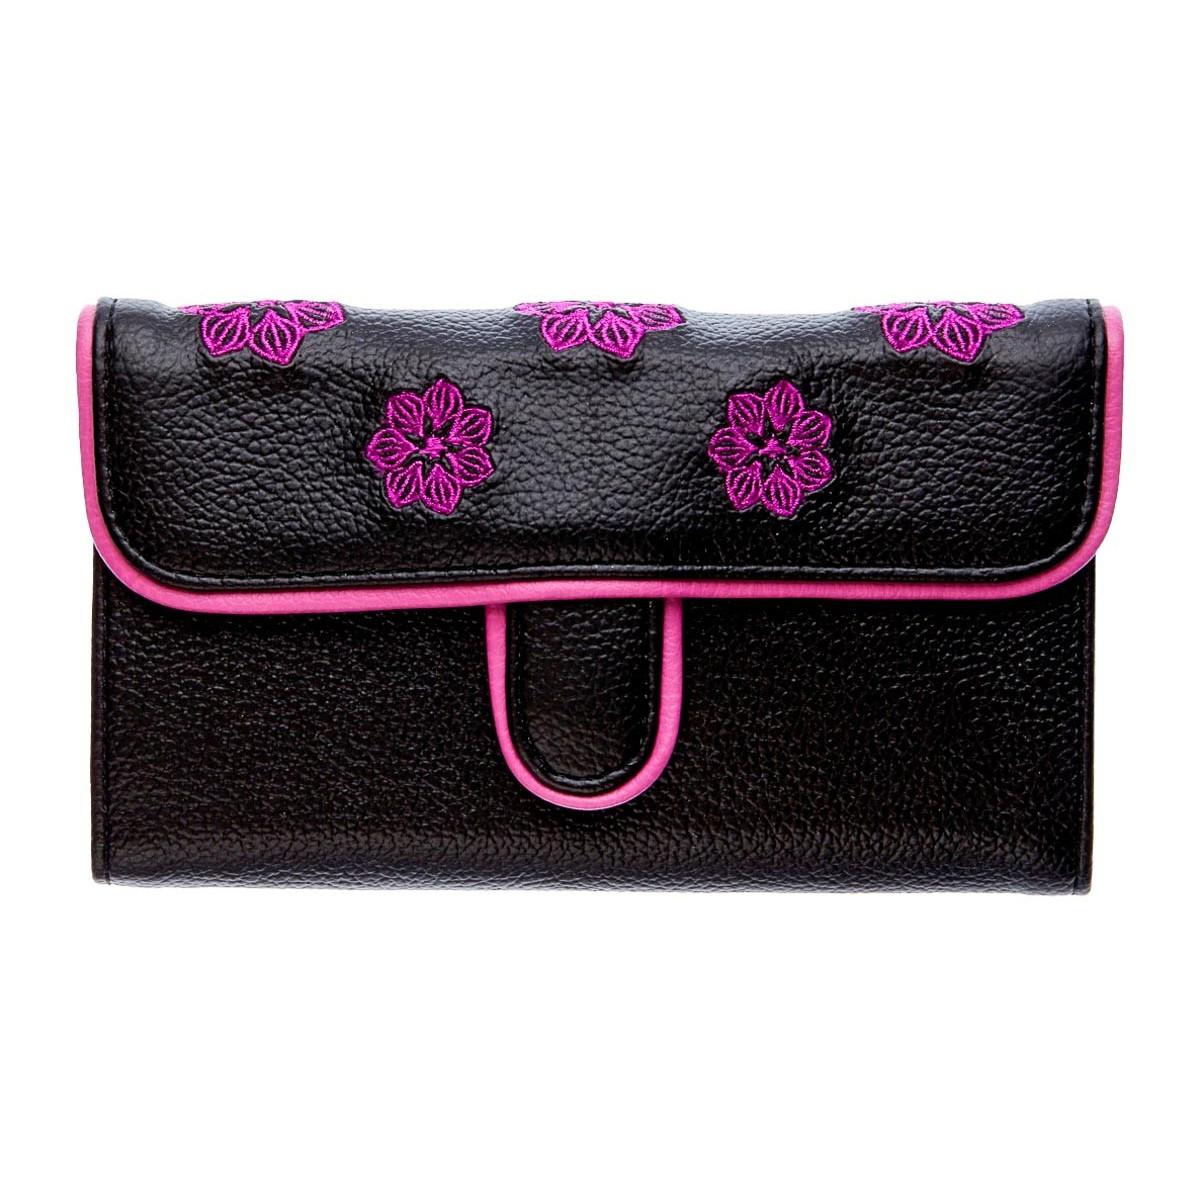 Portefeuille femme coloré noir et fleurs